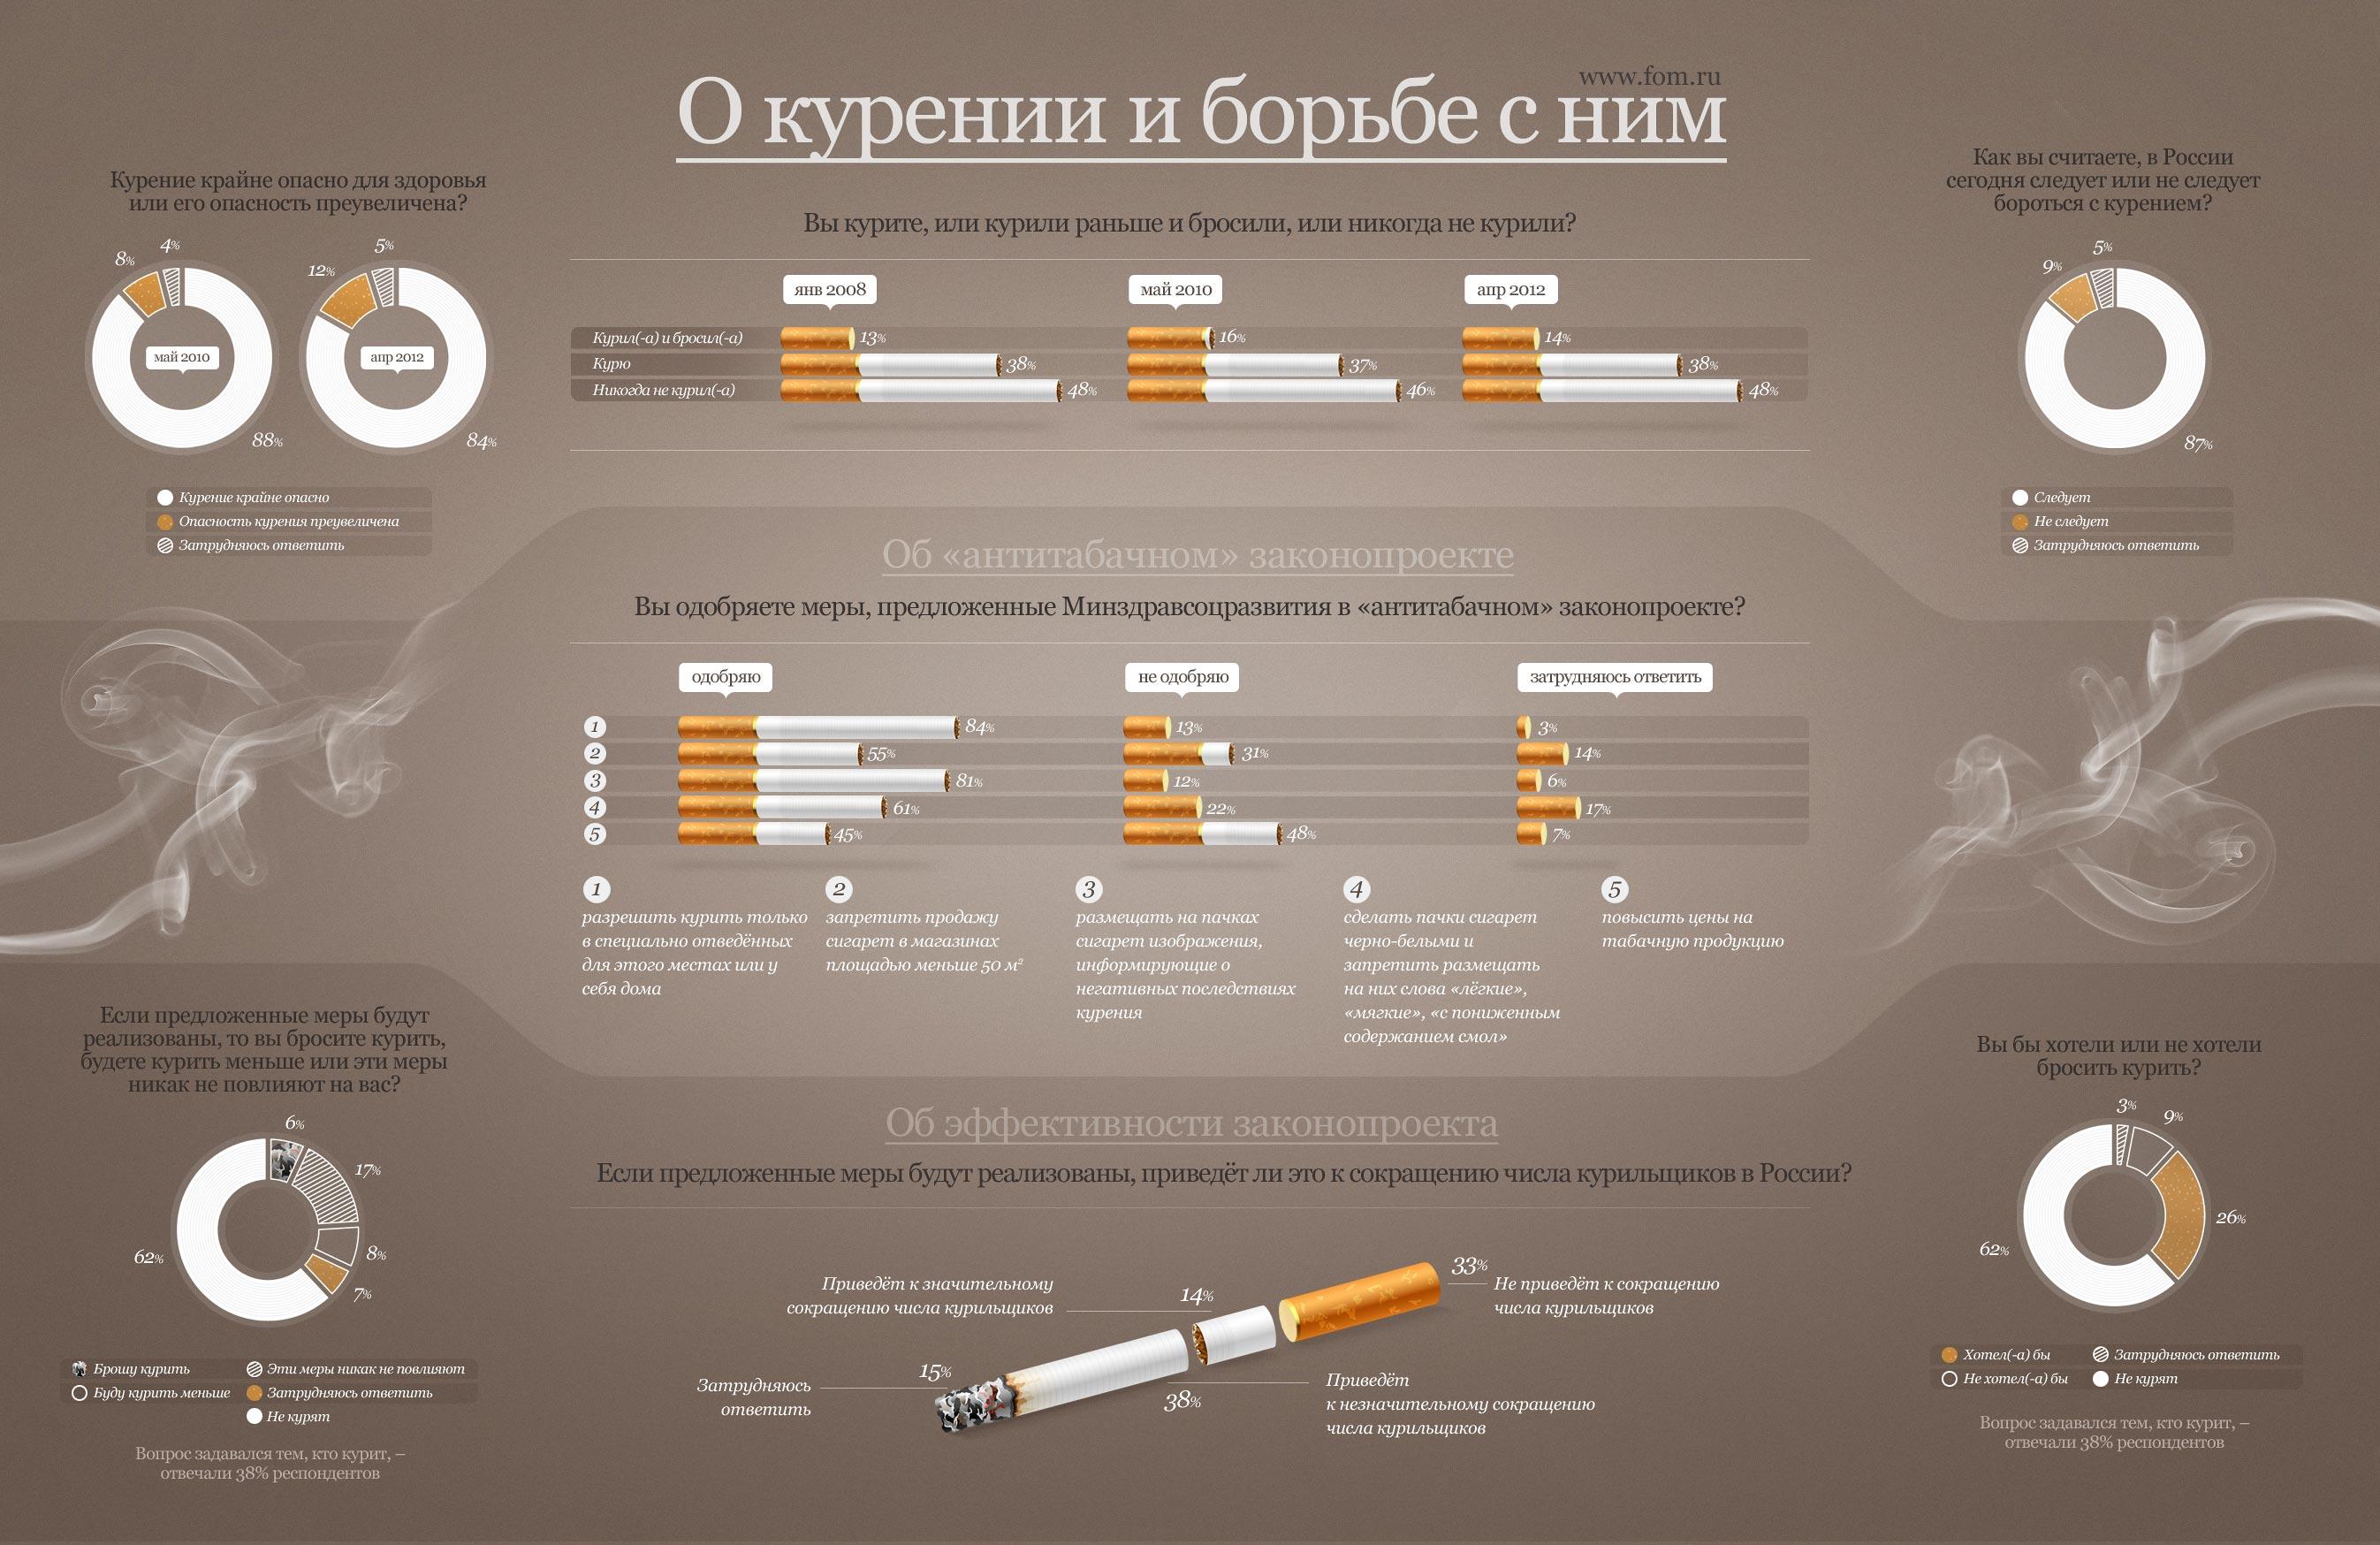 Курение и меры борьбы с ним